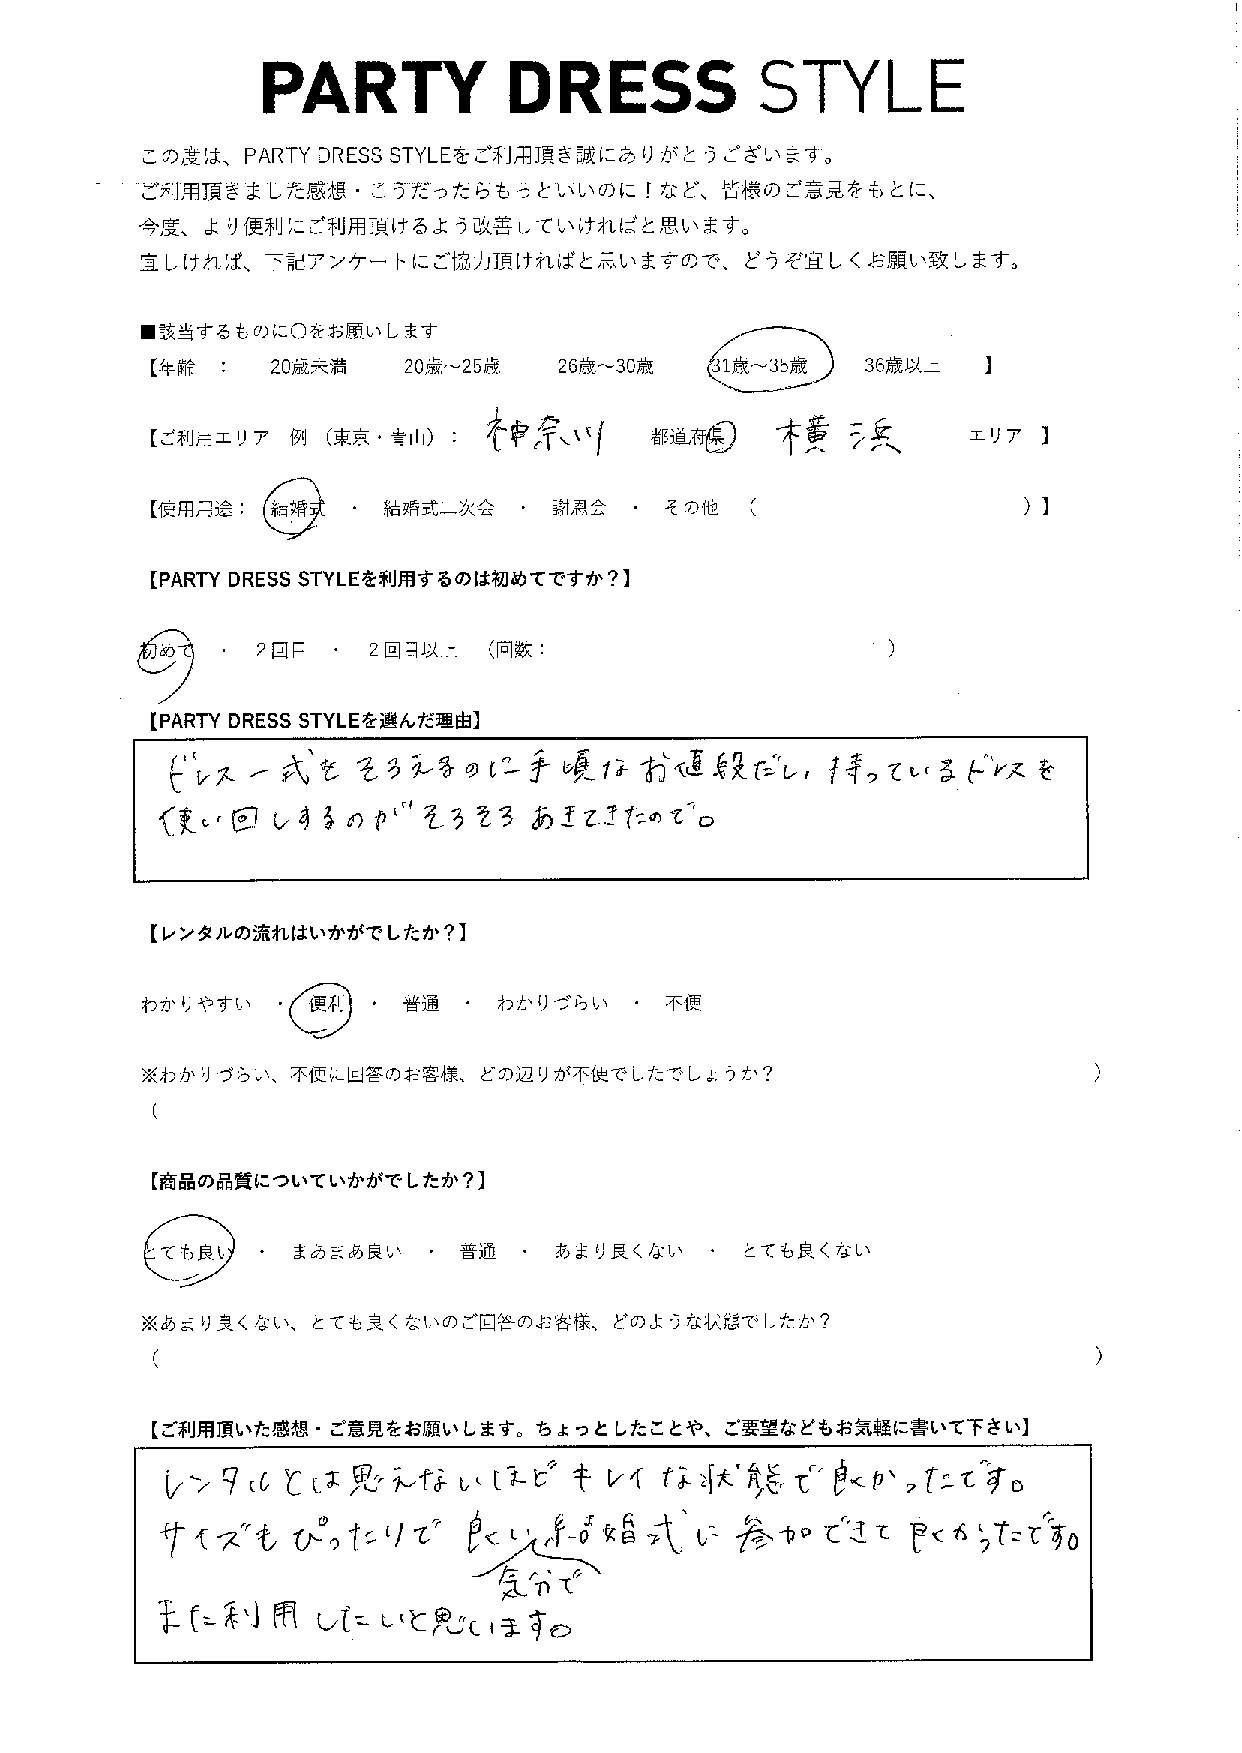 10/27結婚式ご利用 神奈川・横浜エリア